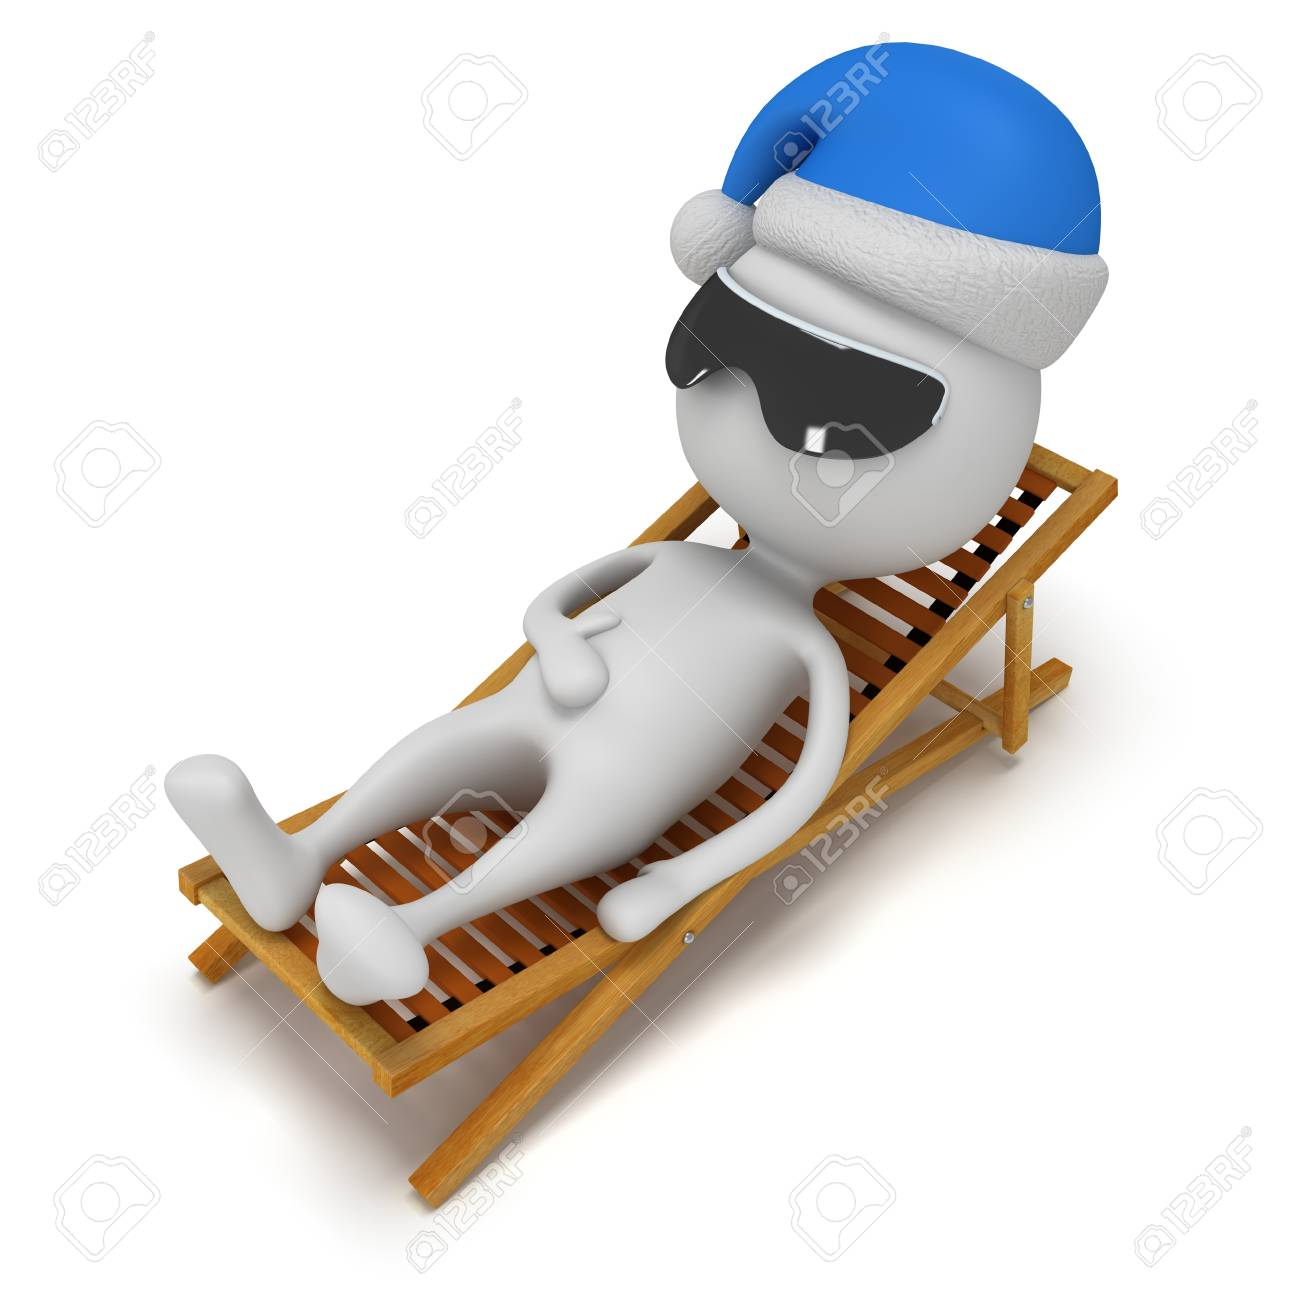 Blanc La 3d Père Longue Chaise Sur Noël Se Isolé Fond Reposer DH9WE2I